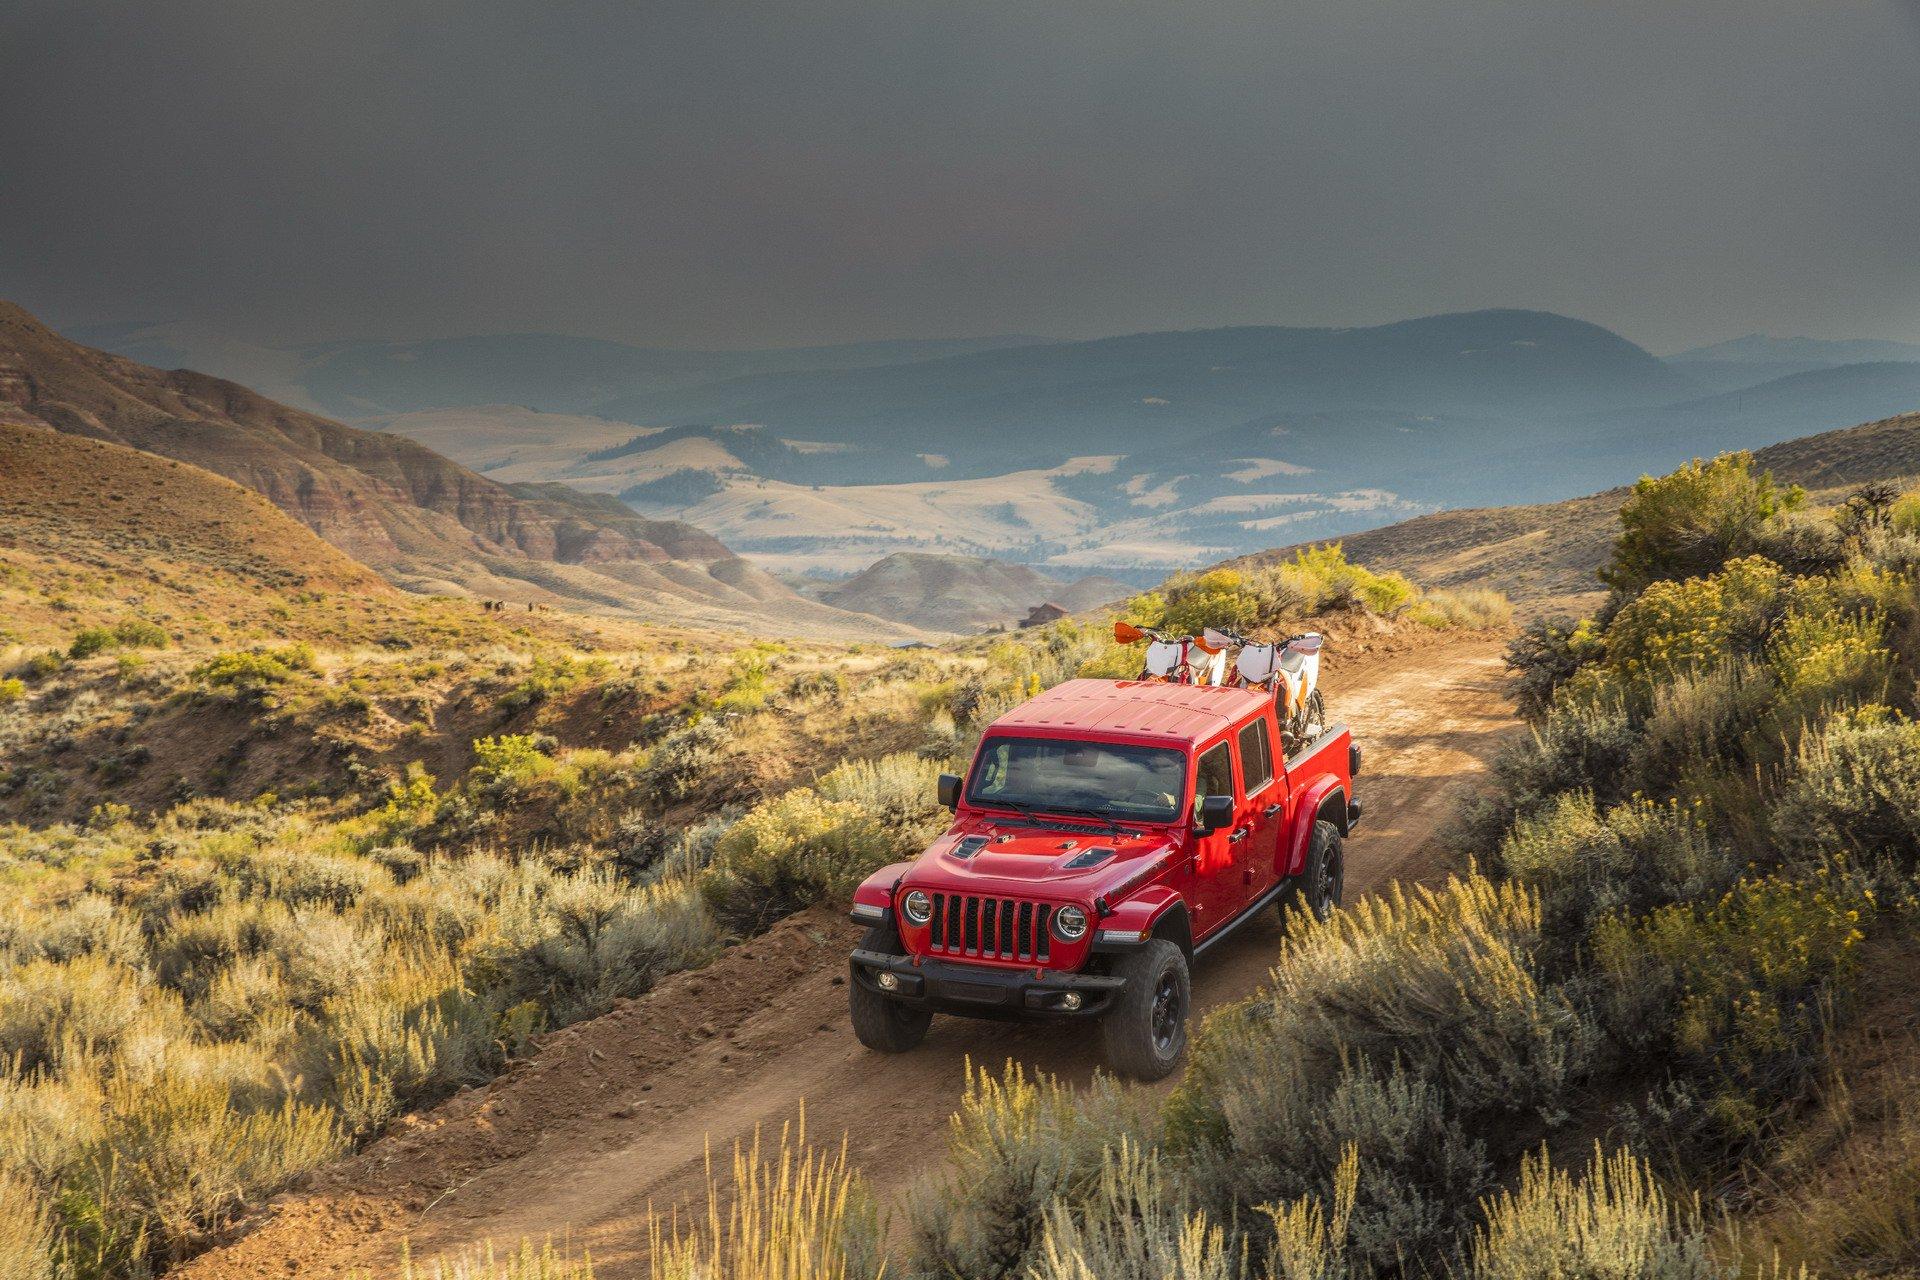 Jeep Gladiator 2019 (76)